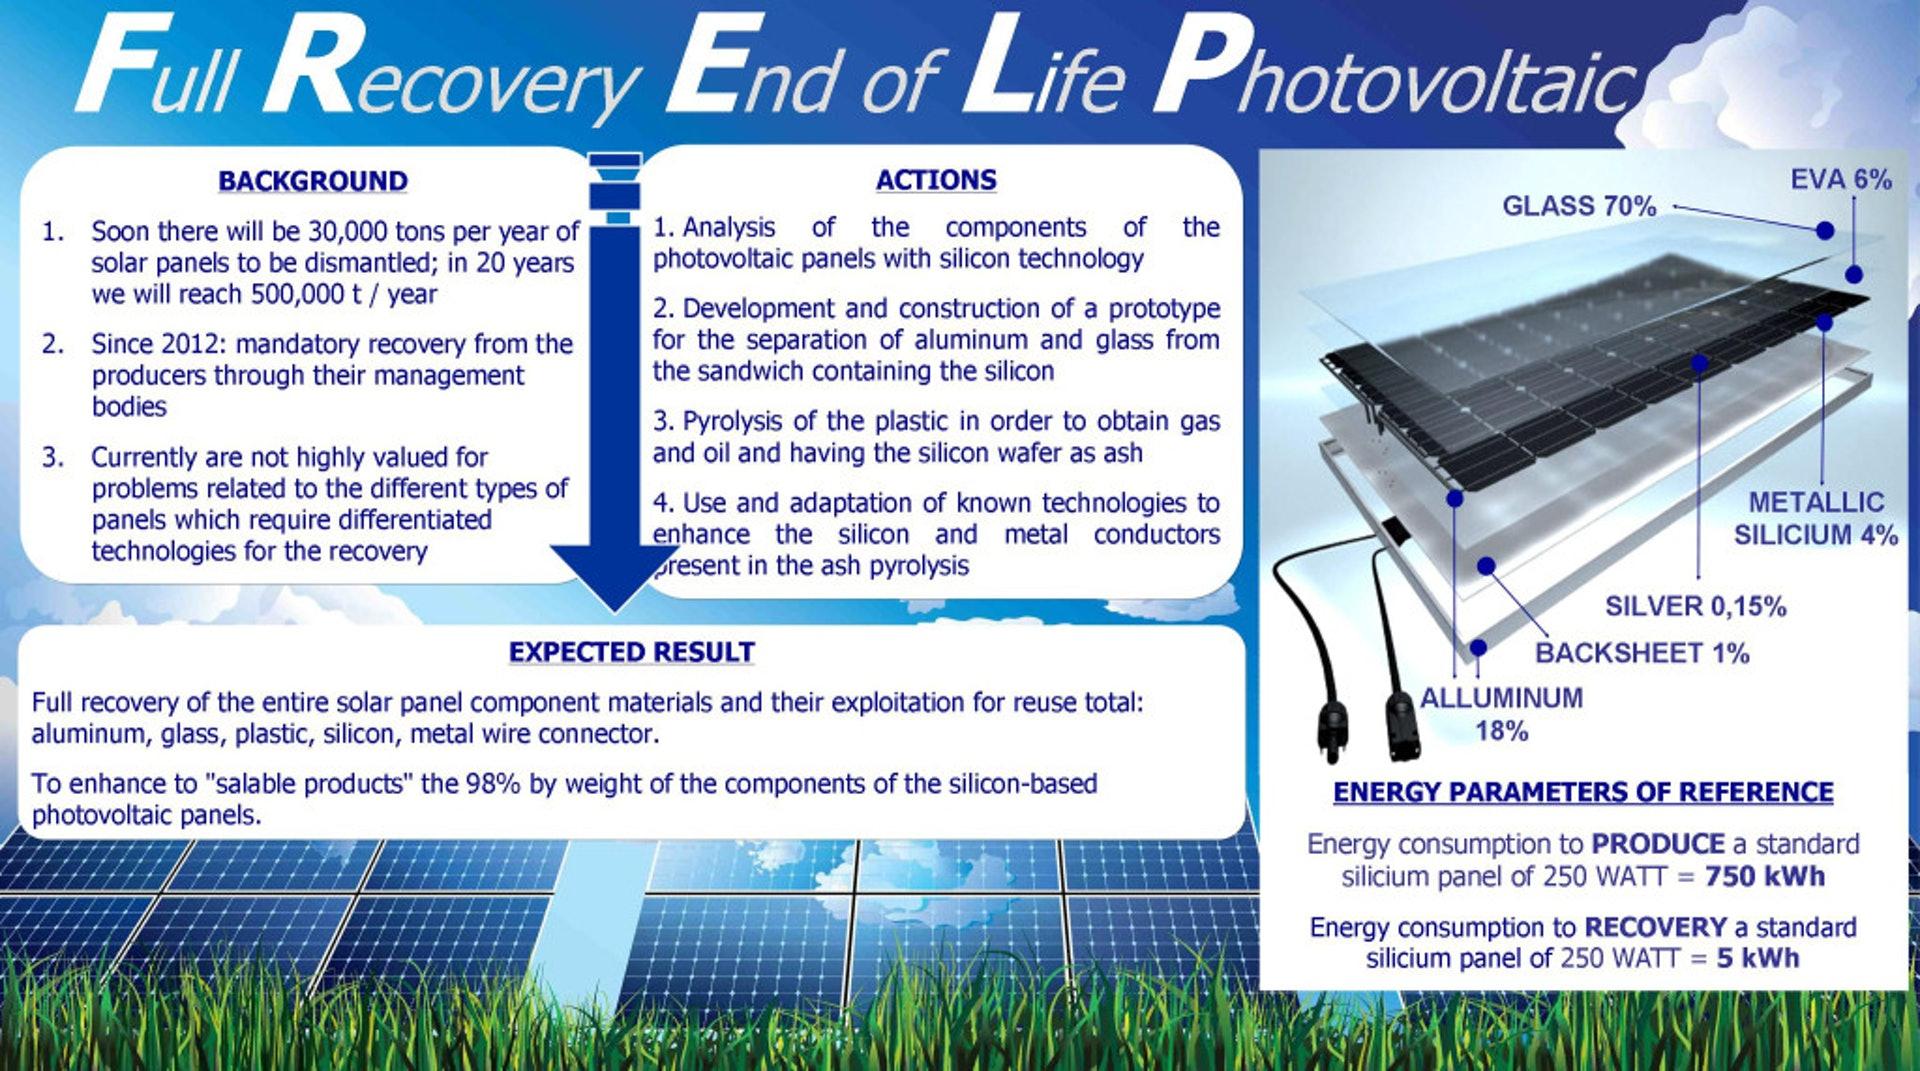 EU LIFE+ Programme研究項目有望可回收100%PV板物料,並進一步減低炭排放(來源:FRELP網頁)